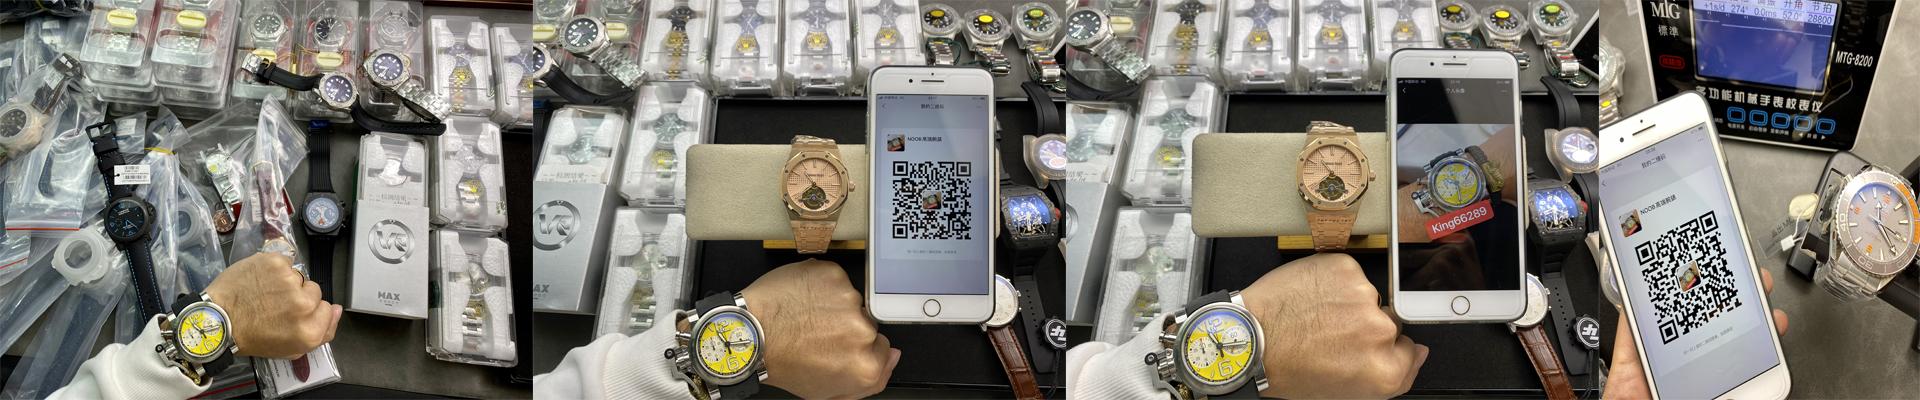 香港手錶論壇,N廠,N廠手錶,高仿勞力士,高仿手錶,VS廠手錶,仿表